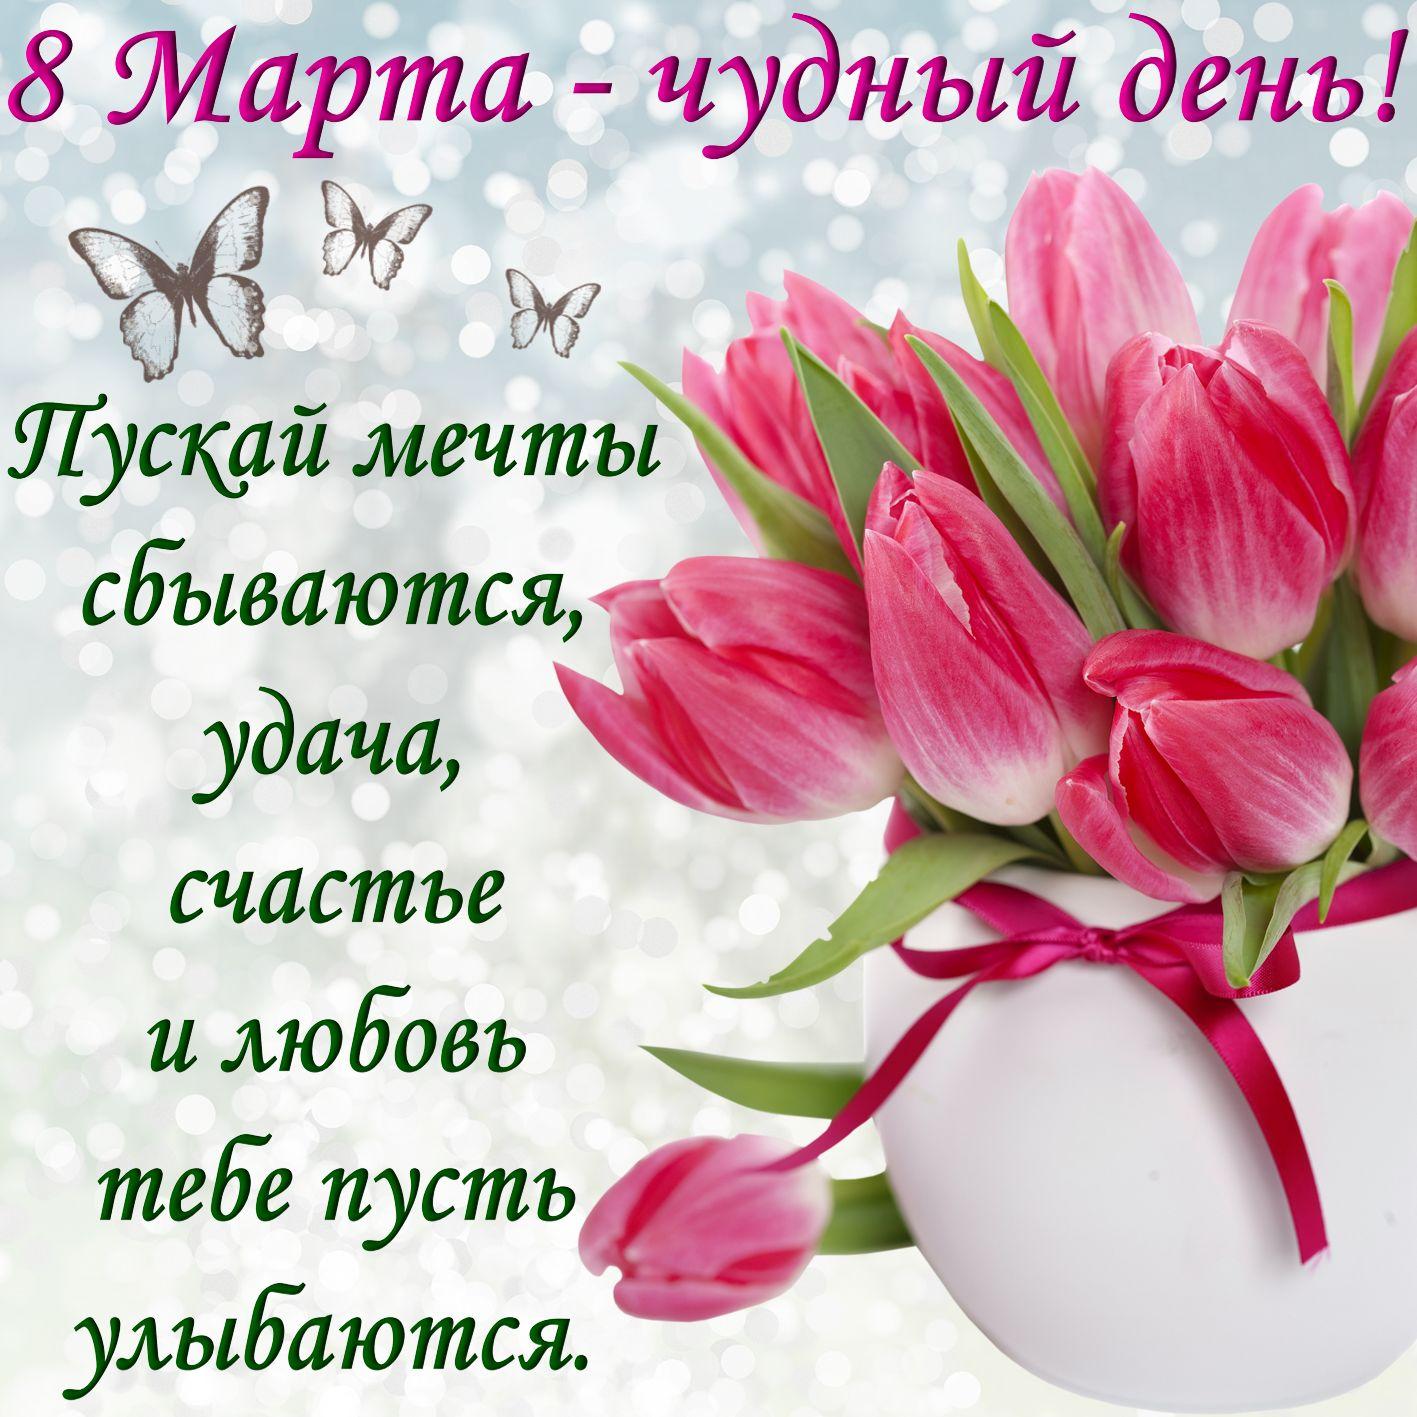 Красивые картинки с пожеланиями на 8 марта, оценки картинки картинки